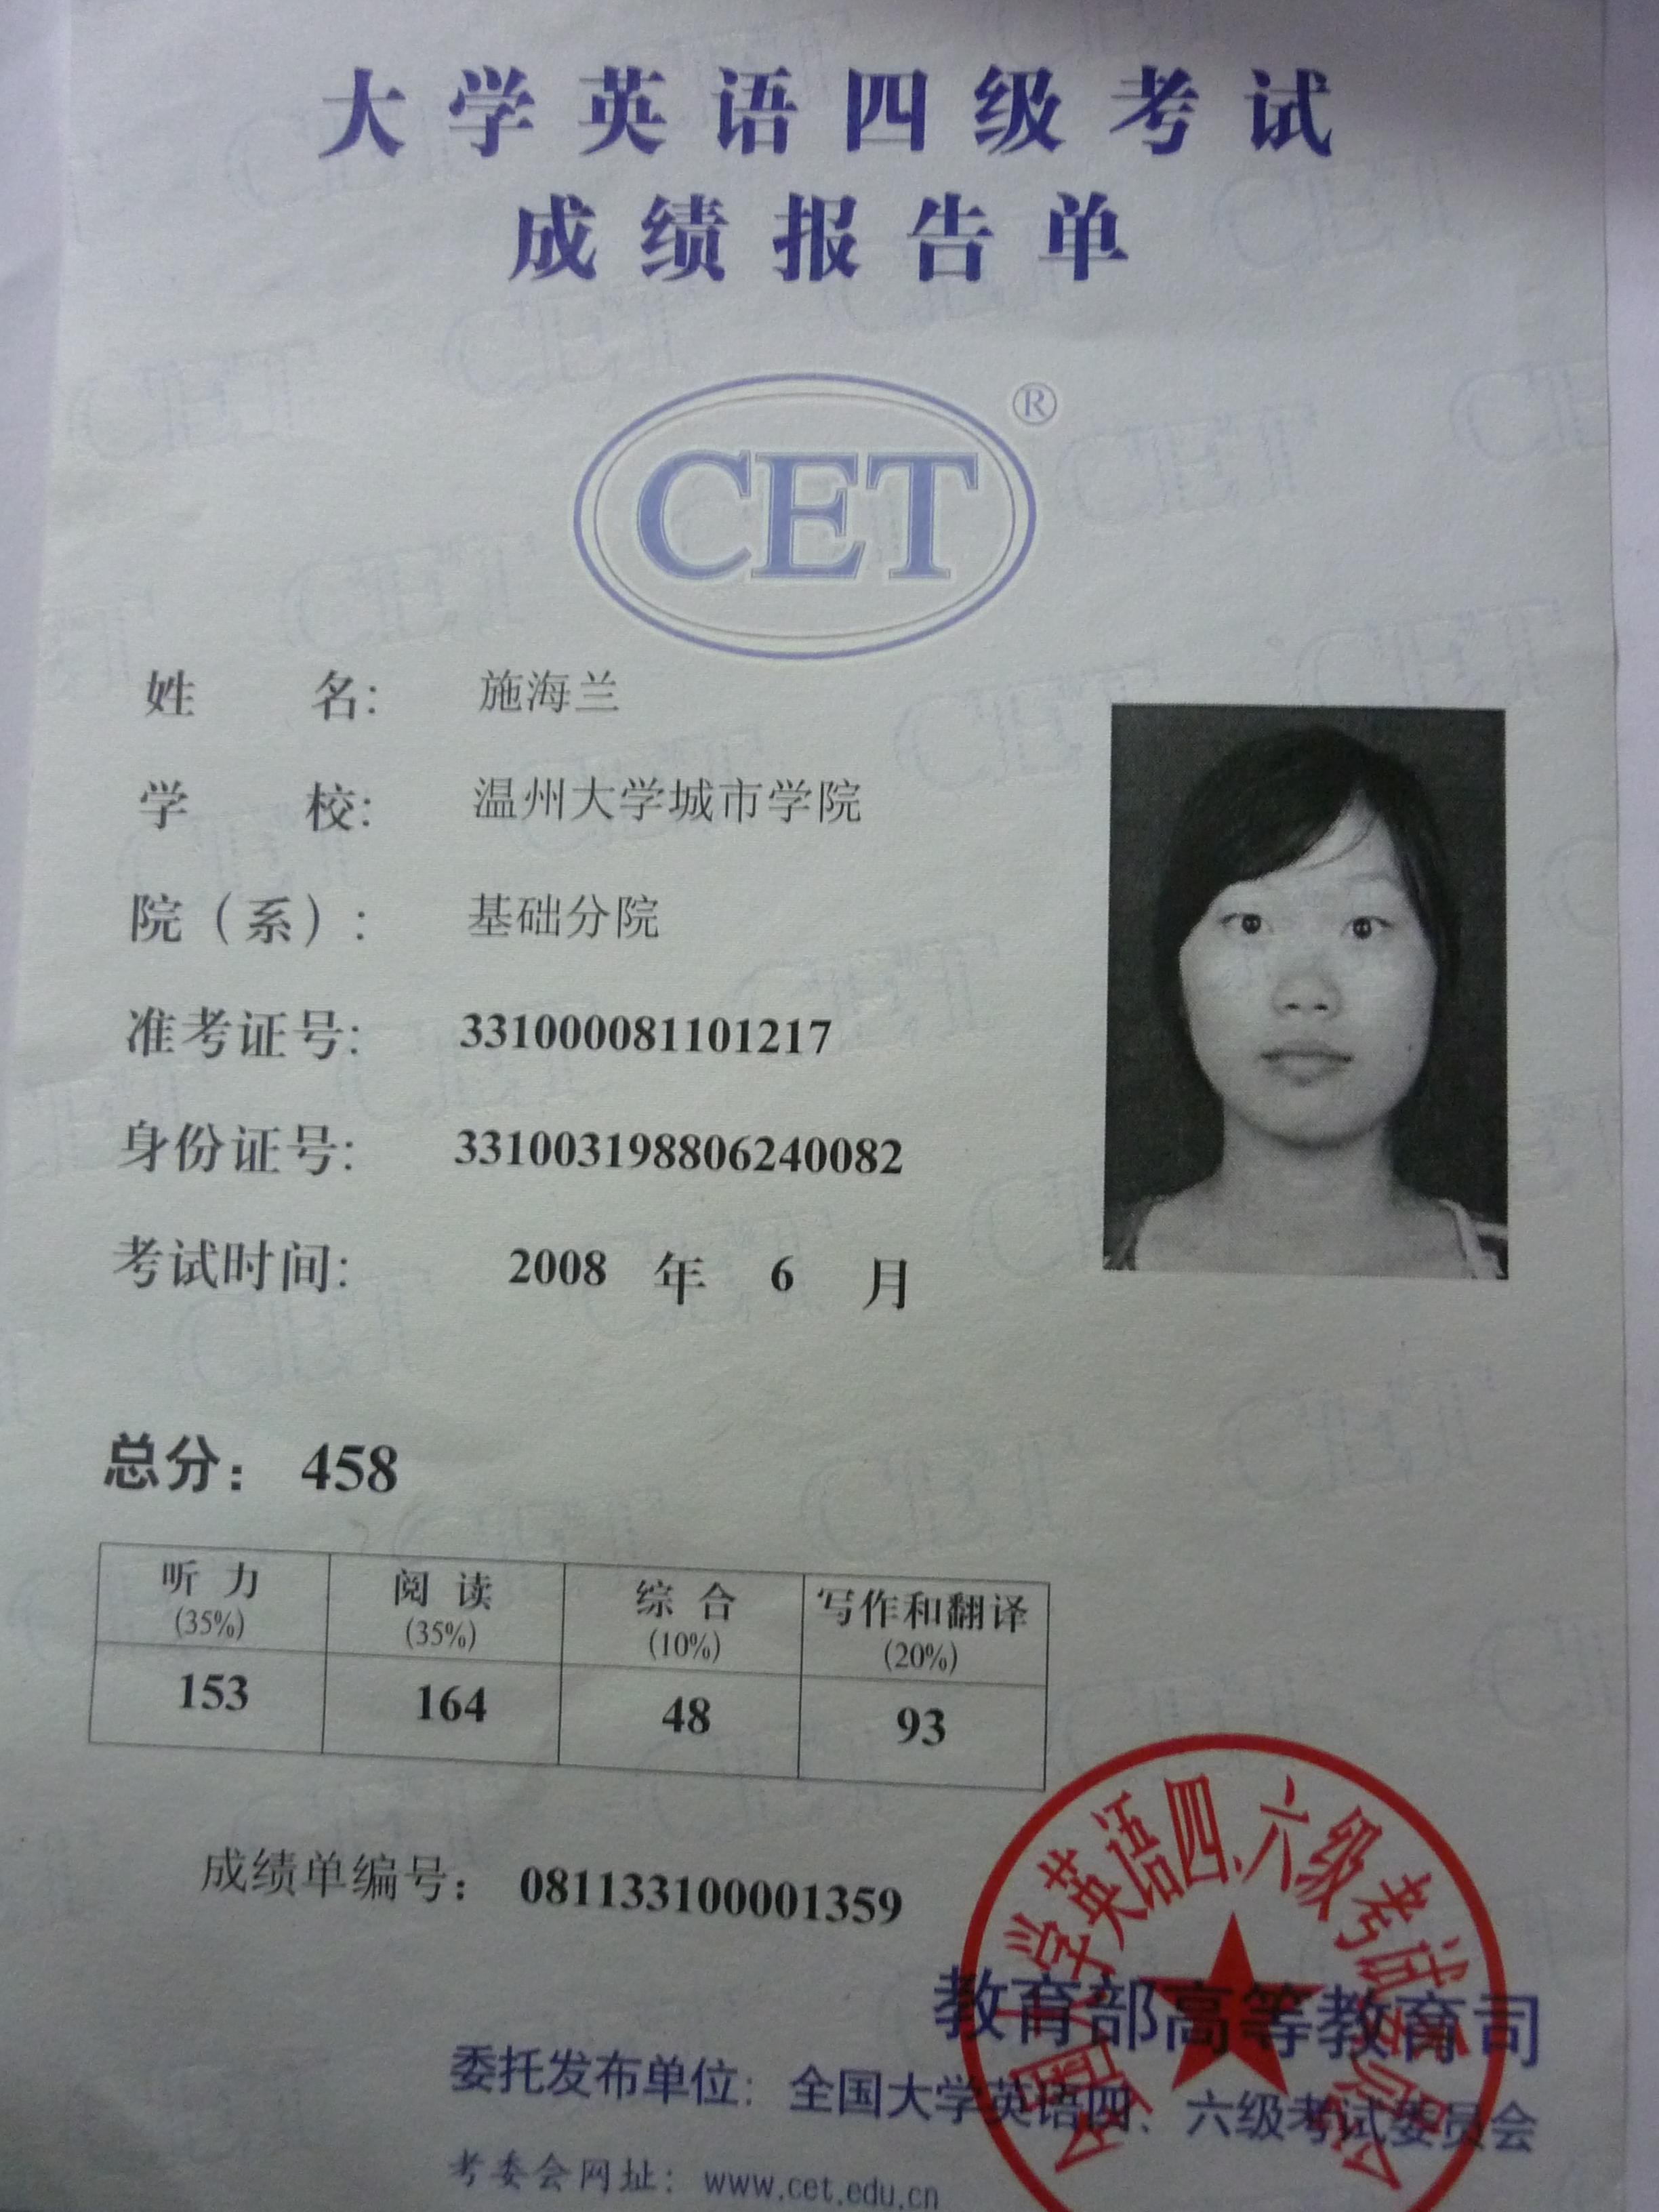 英语四六级考试证书_级证书模板英语四六级考试